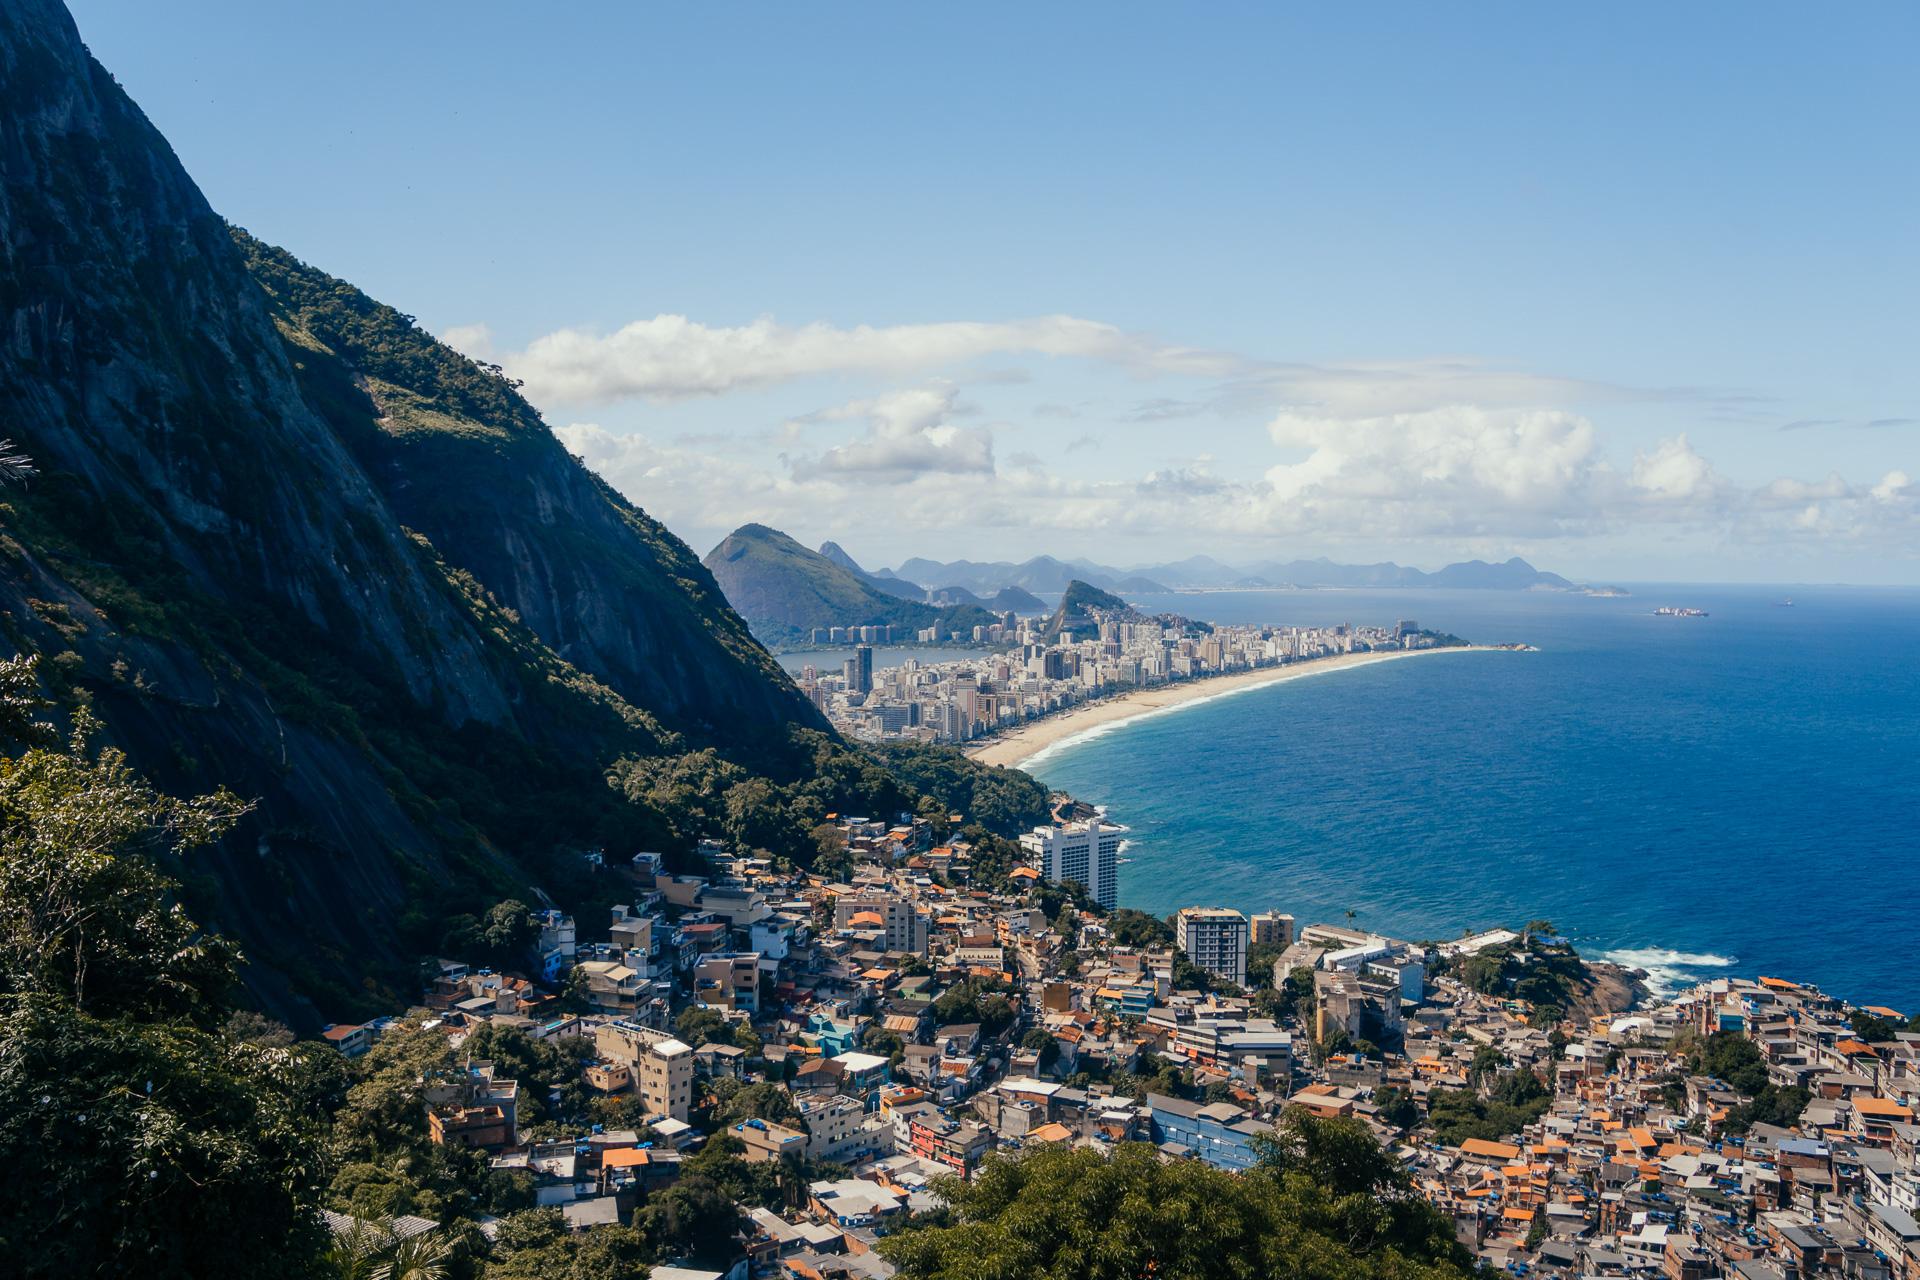 Две недели в Бразилии: что посмотреть, что попробовать, что привезти?